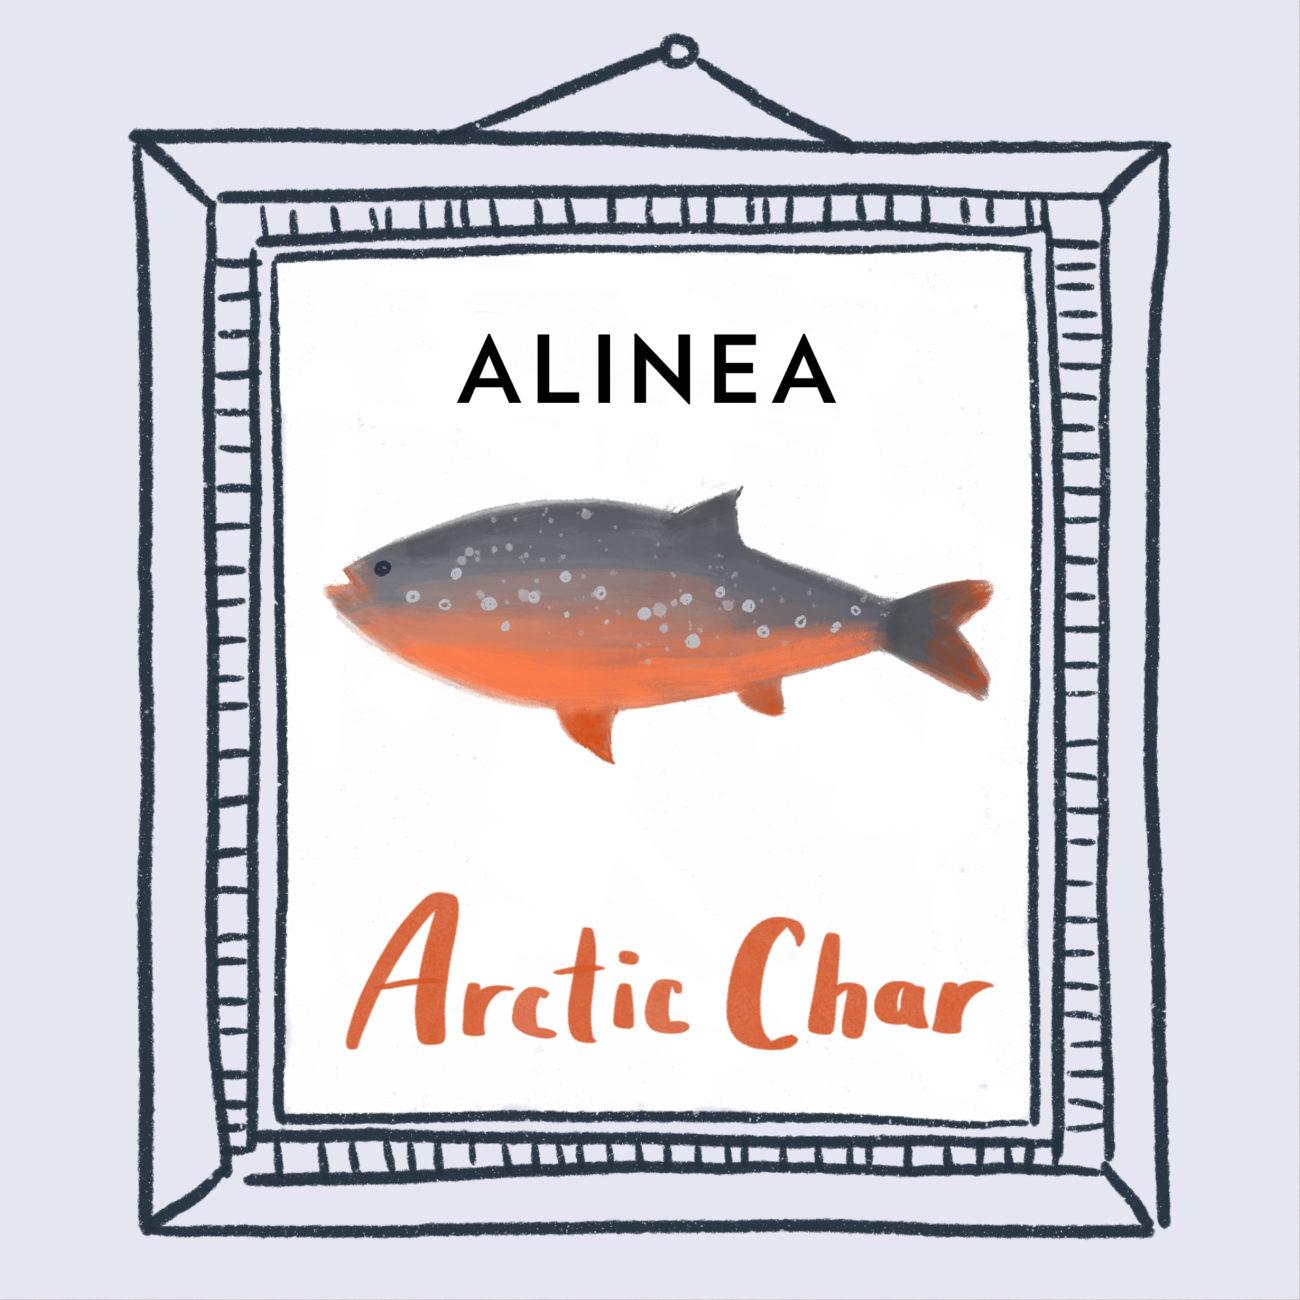 arcticChar